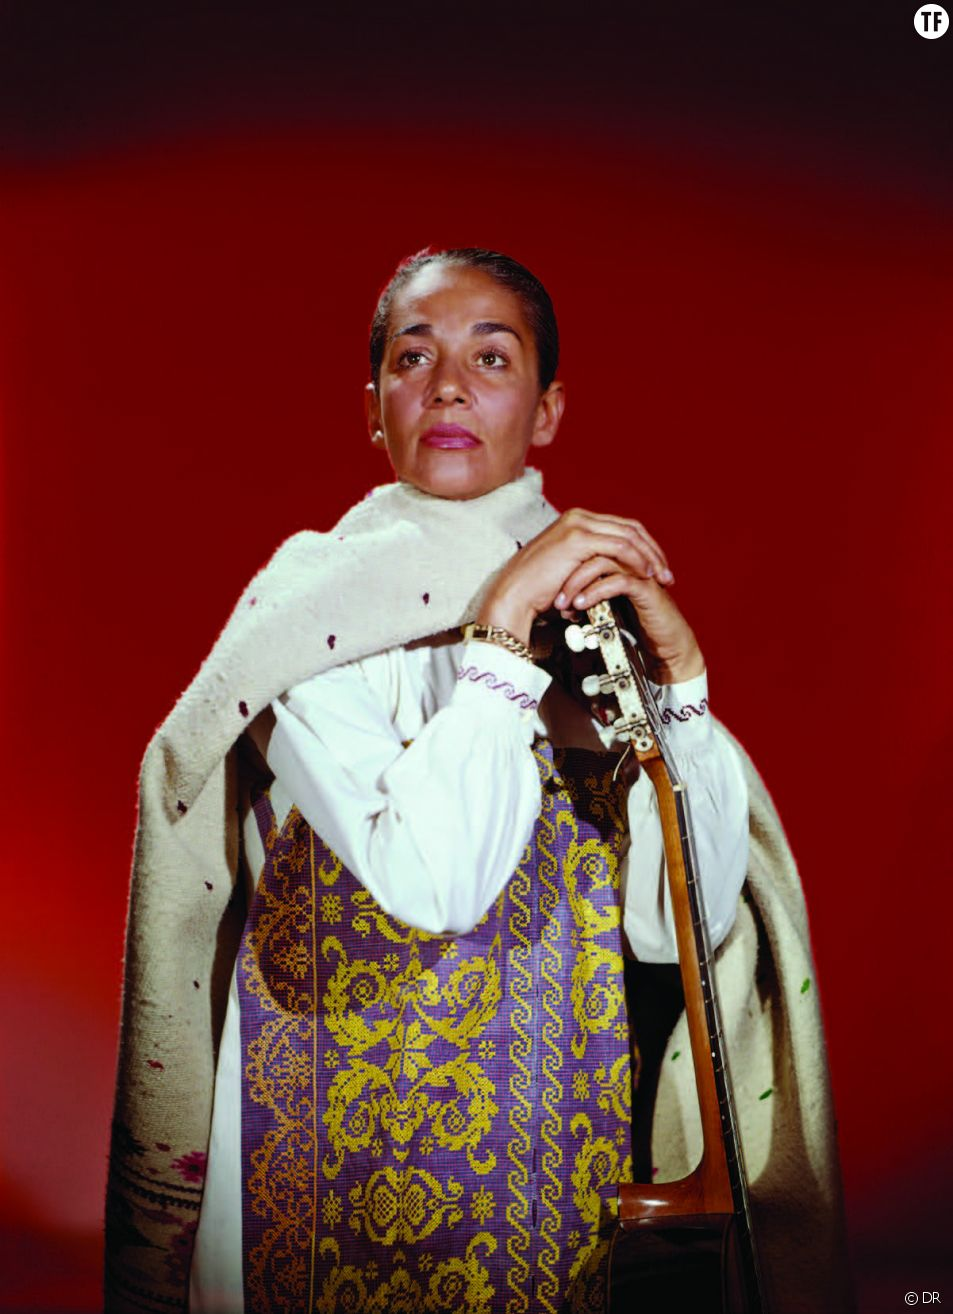 Chavela Vargas enveloppée dans son légendaire poncho, avec sa guitare.